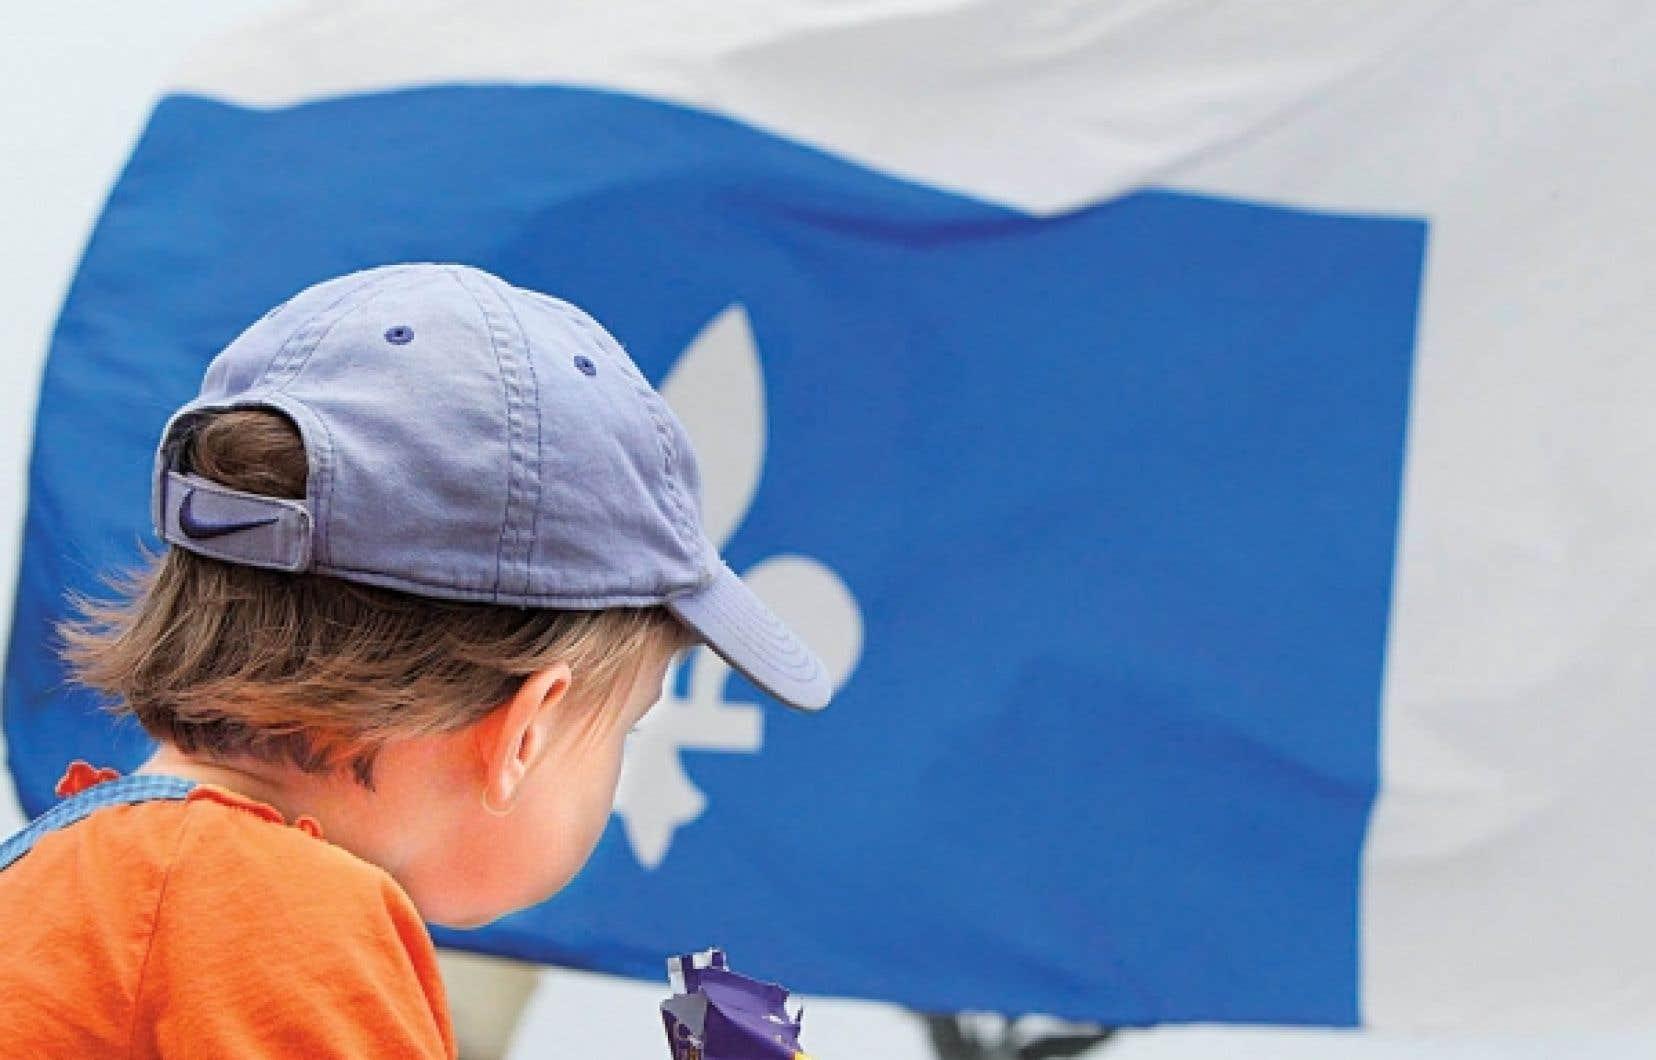 Pendant que les fédéralistes offriront encore d'autres illusoires promesses de réformes, nous offrirons aux Québécois de clore le débat une fois pour toutes et de sortir de cet hiver de force en redonnant au Québec tous les pouvoirs. Nous proposerons aux Québécois de choisir entre le Canada et le pays du Québec, écrit Pauline Marois.<br />